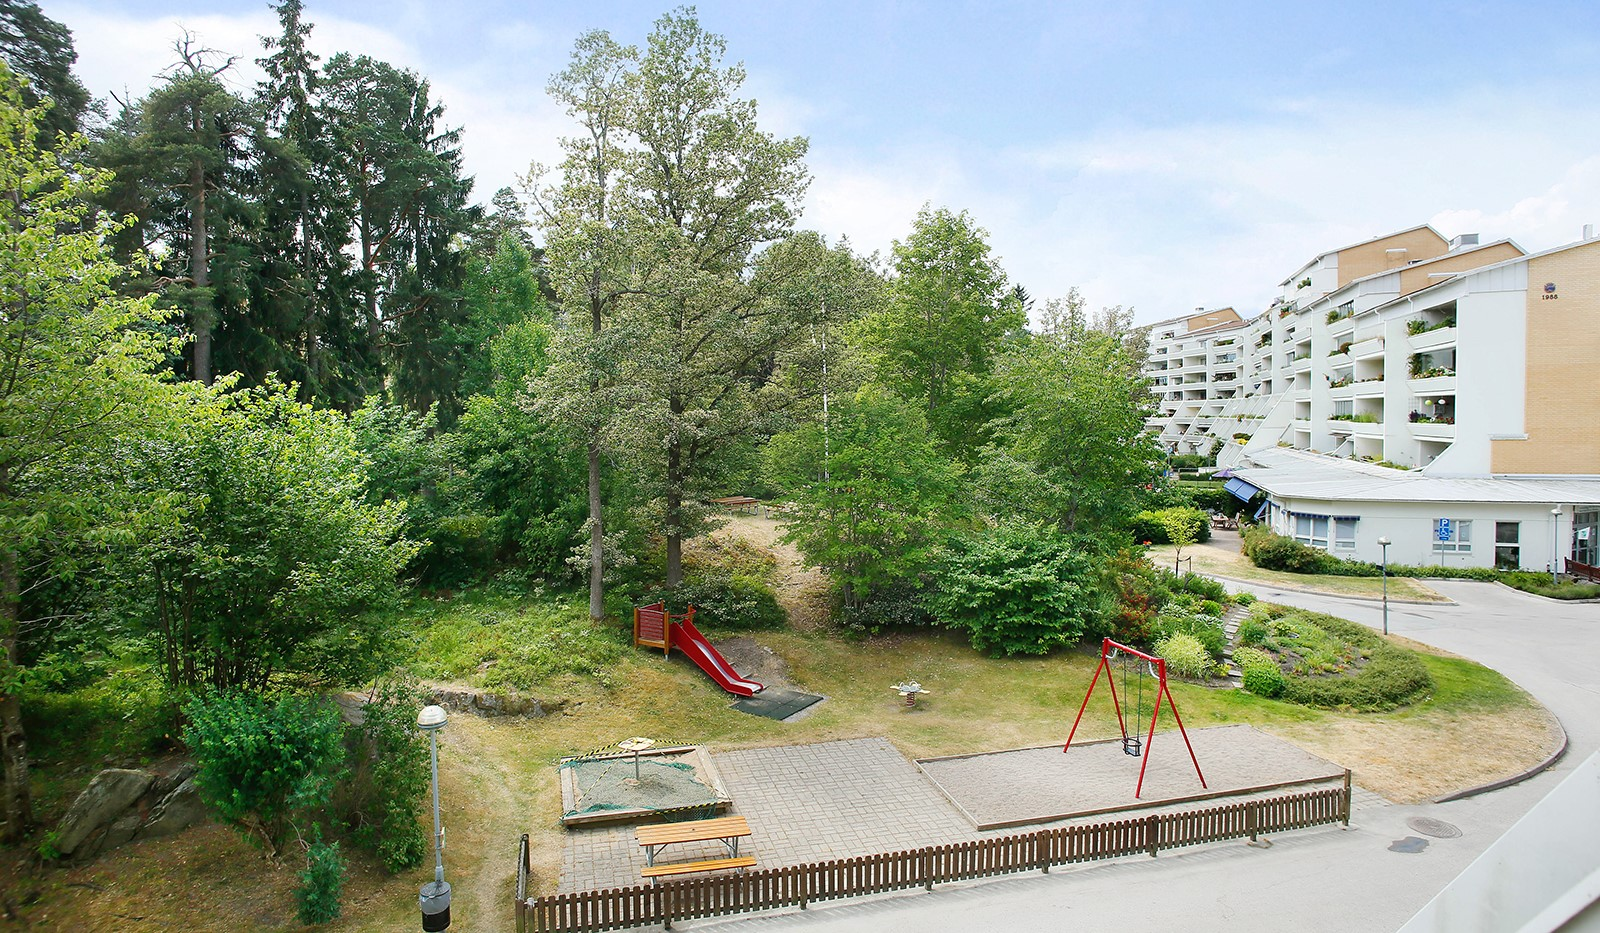 Elgentorpsvägen 21 - Utsikt från terrass